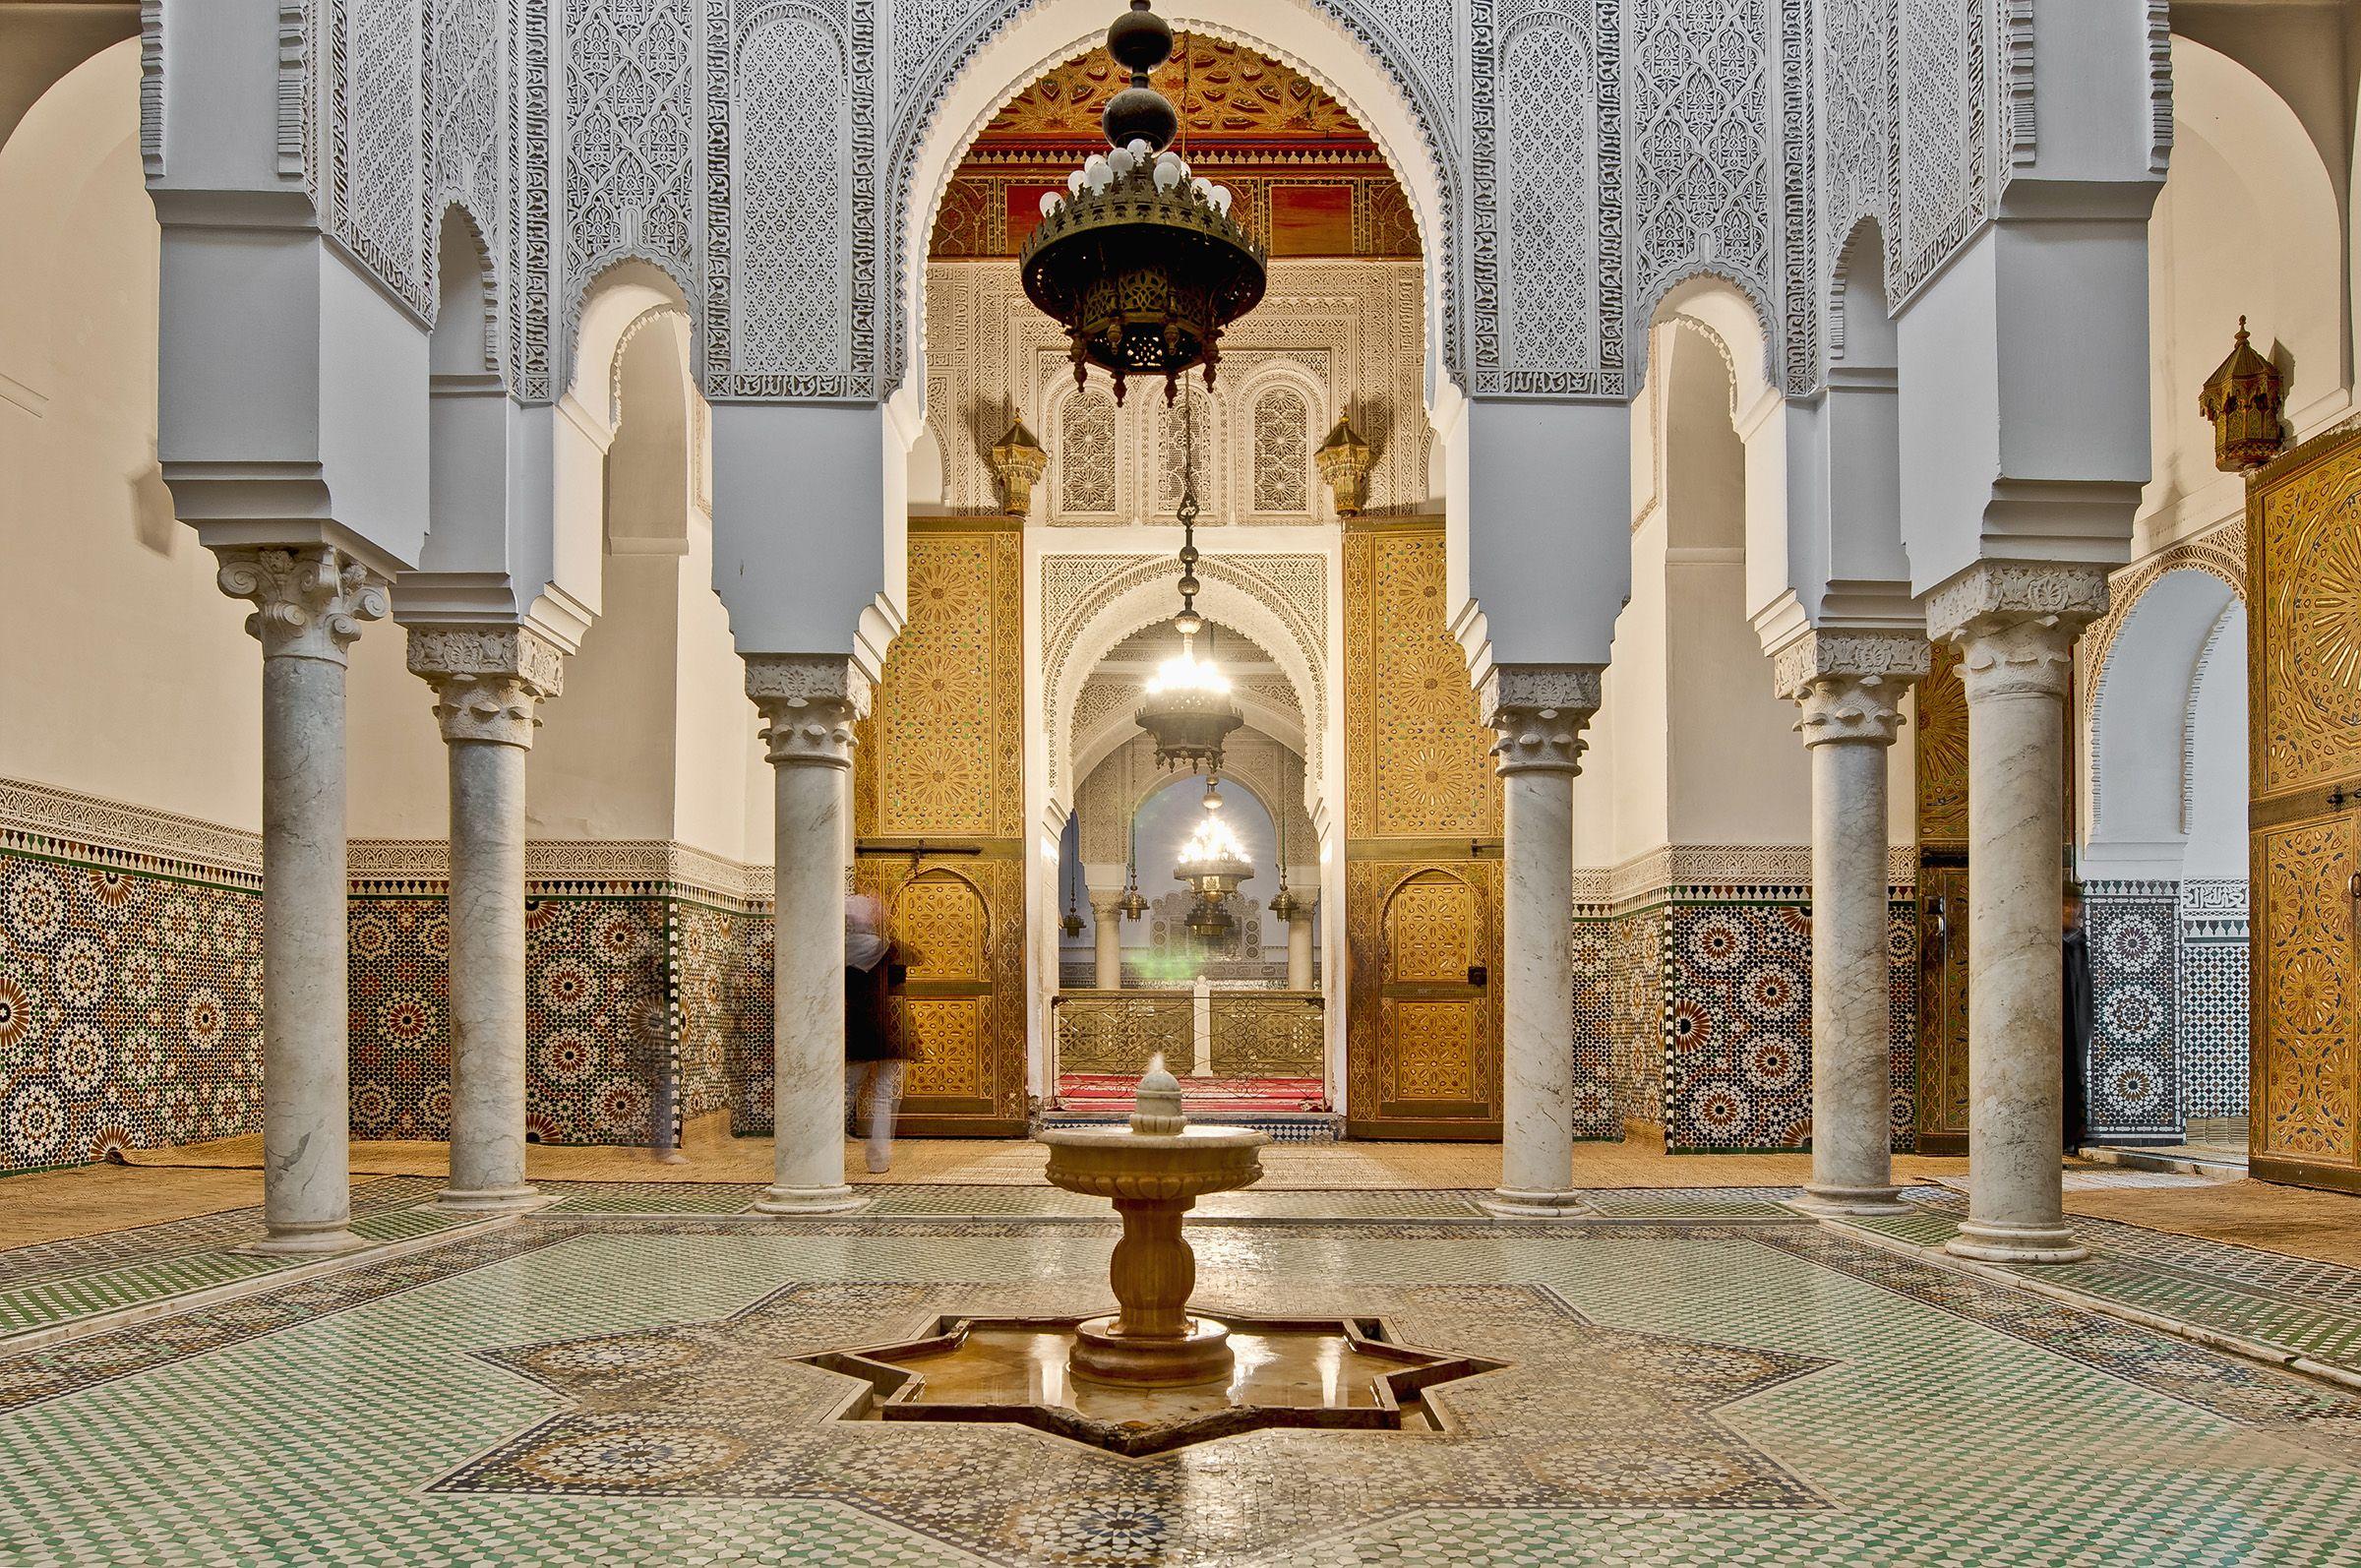 Come trascorrere una giornata perfetta nella città imperiale di Meknès